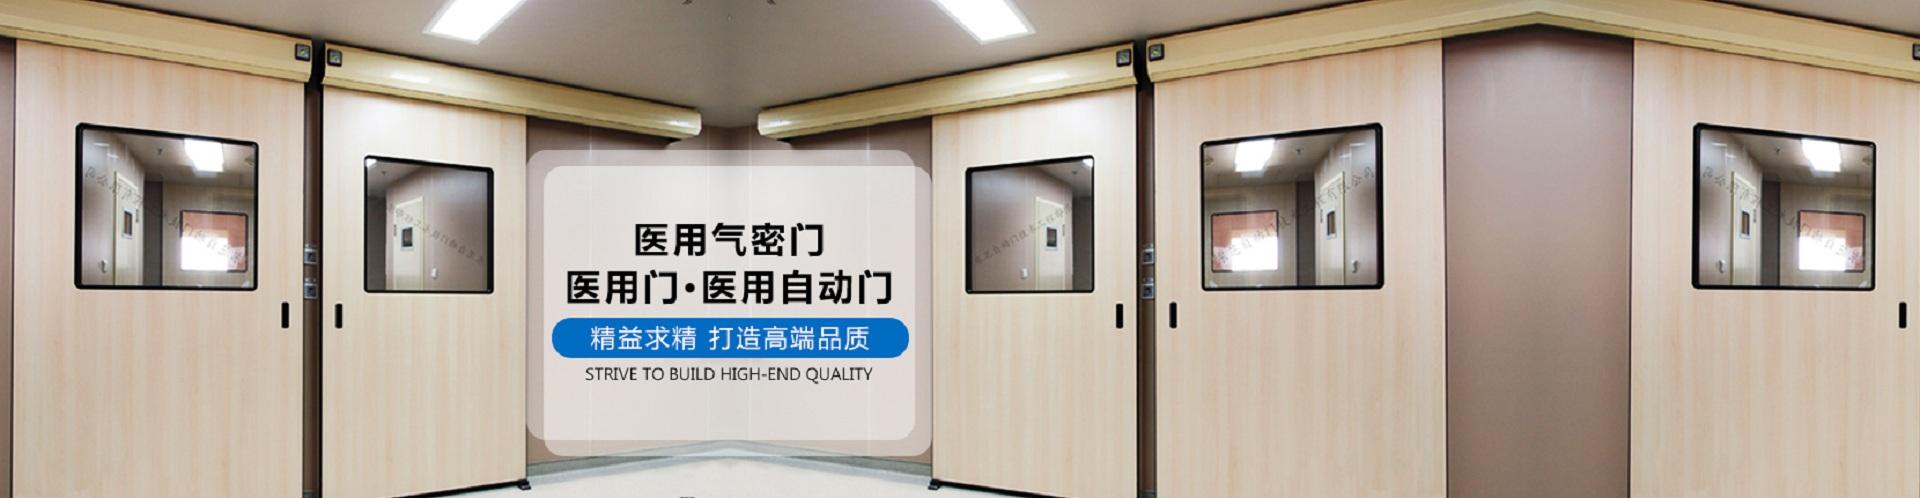 成都医用门,成都手术室门,成都防辐射门,成都医用自动门,成都医用气密门